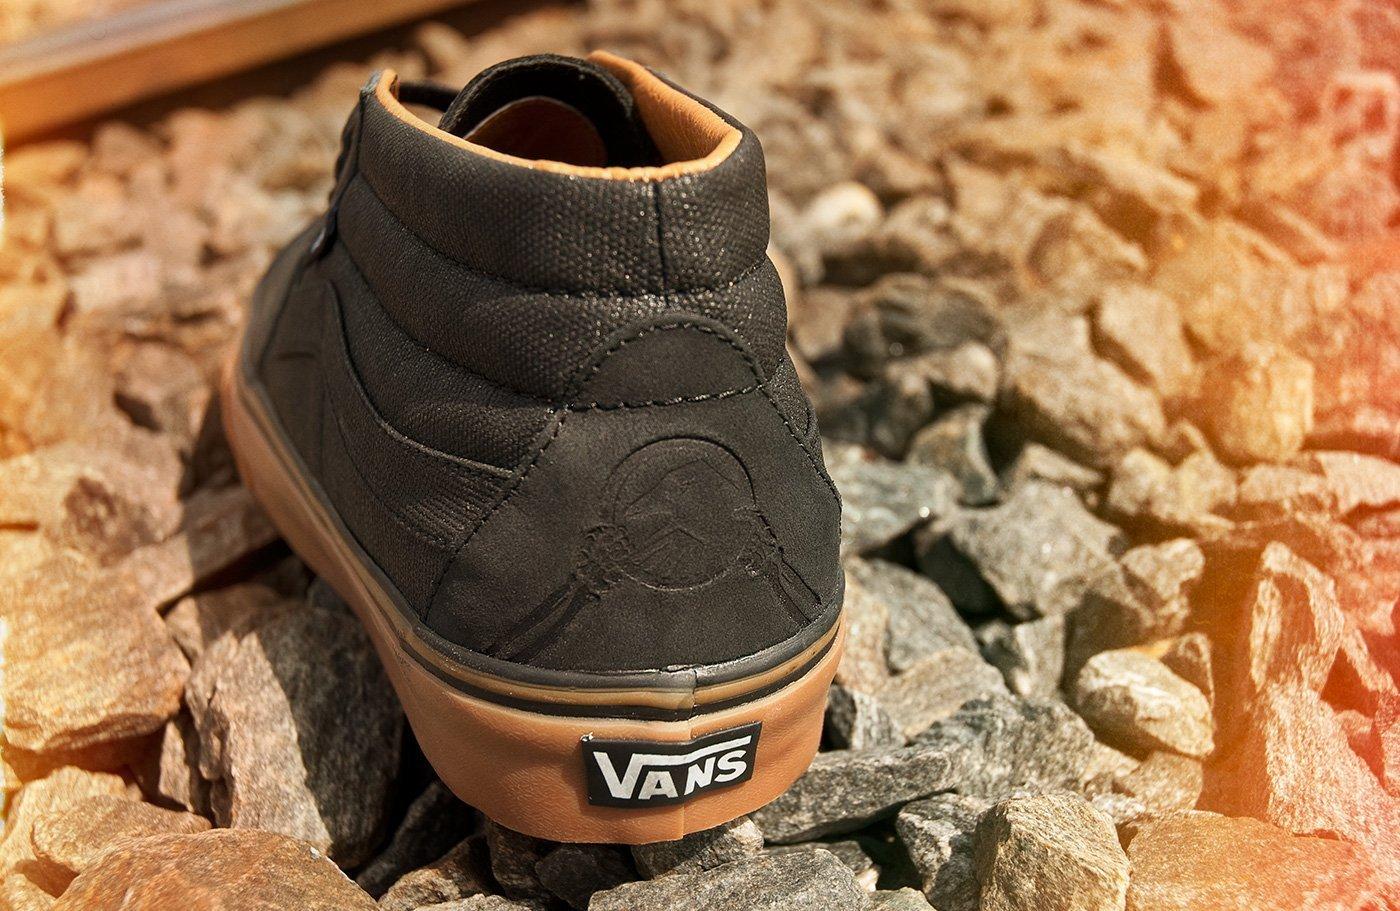 87a2c0d3d4 Buy shadow x vans shoes